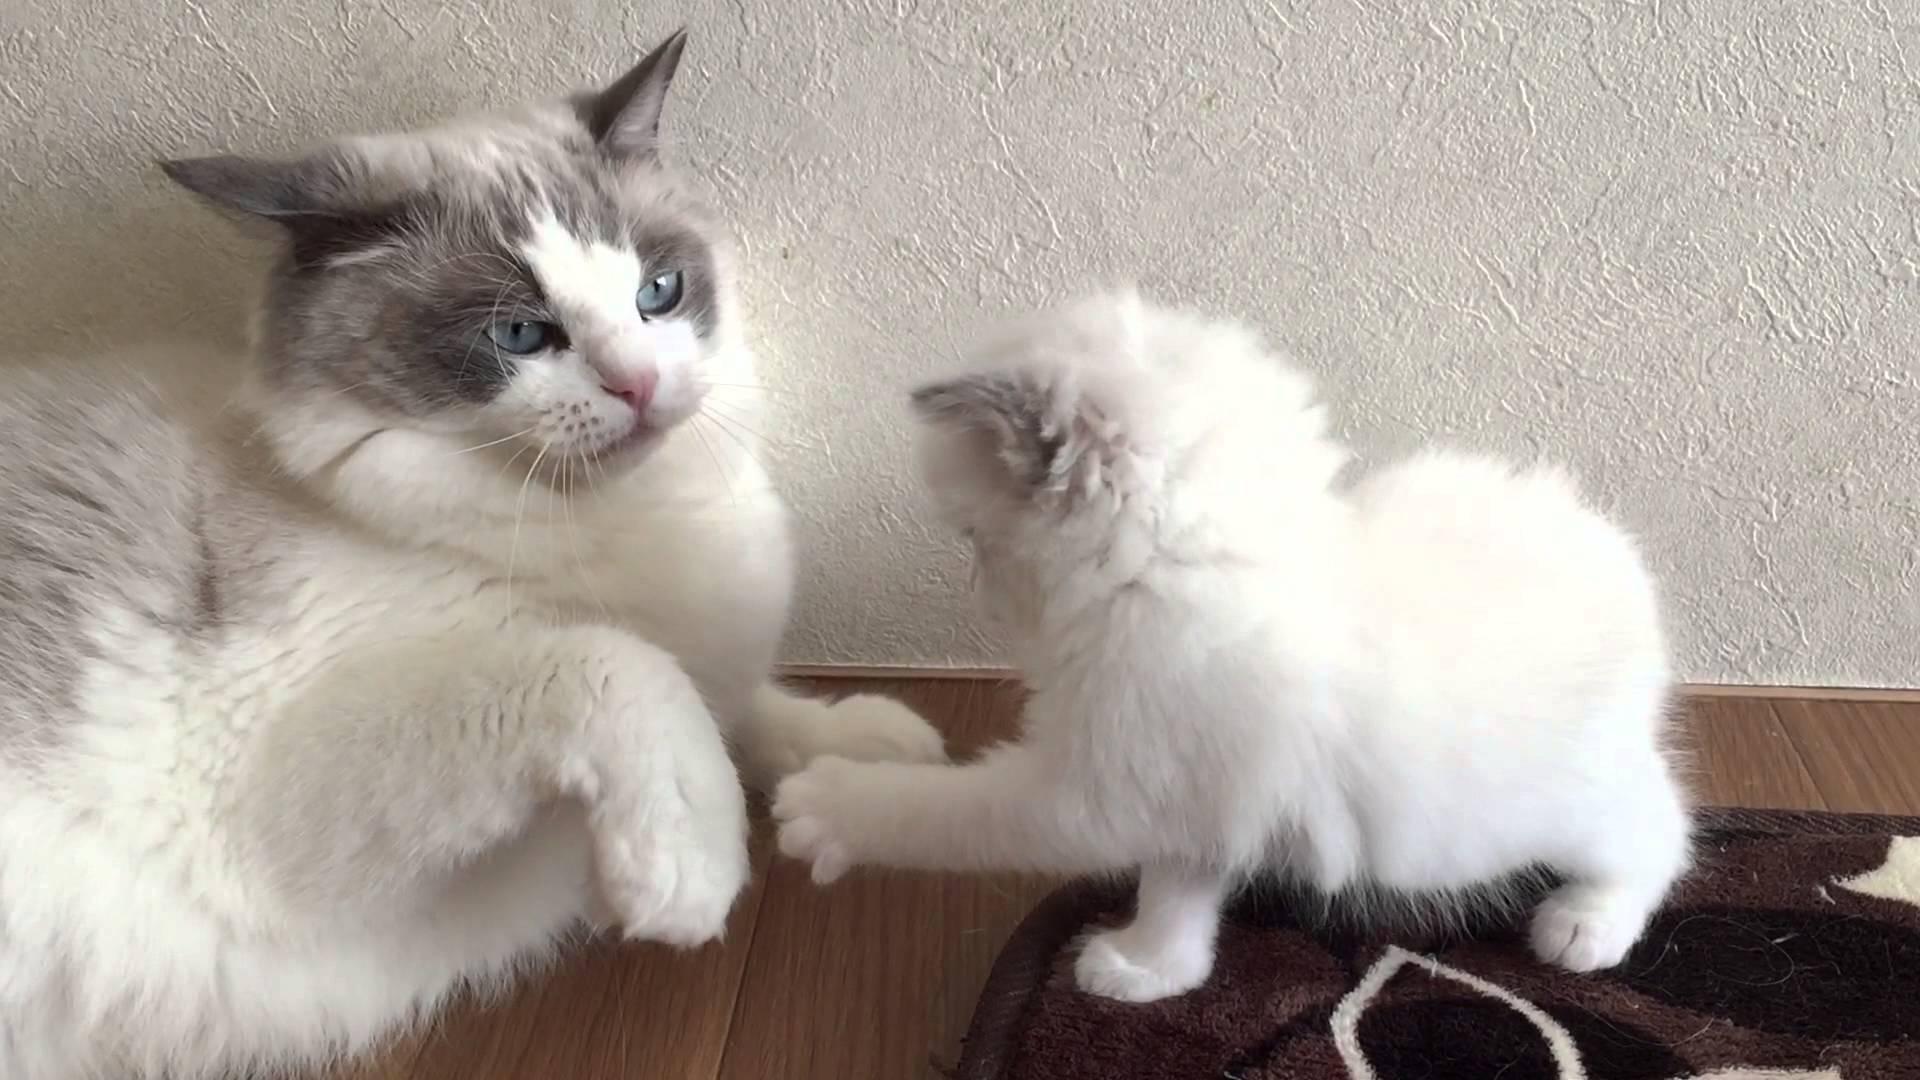 挑むことに意味がある?大人ネコに軽くあしらわれる子ネコがカワイイ♡